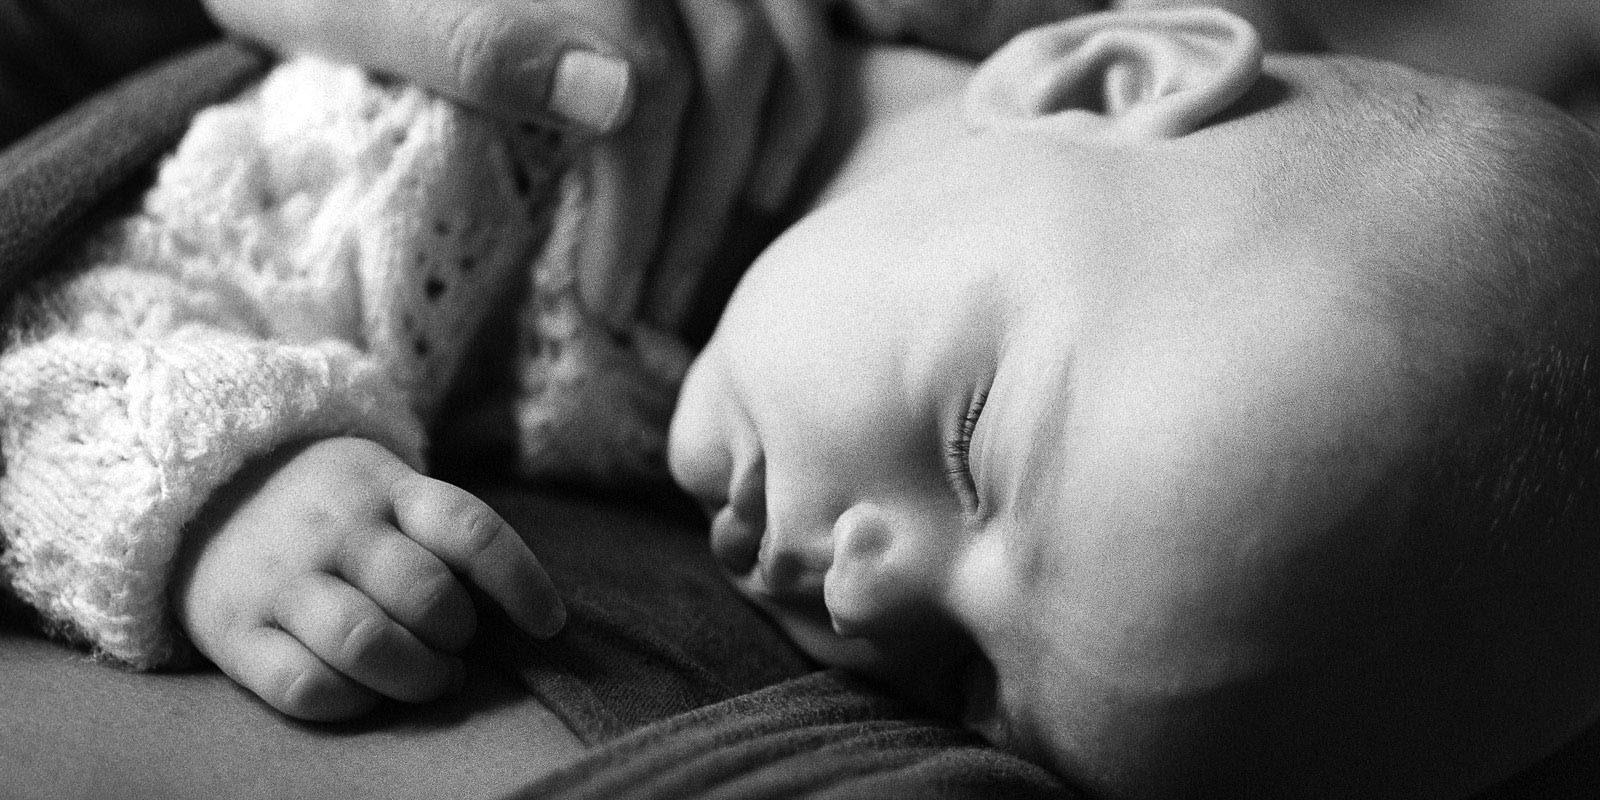 Baby Fotoshooting zuhause bei Tageslicht in Hamburg-Altona mit schlafenden Baby im Tragetuch